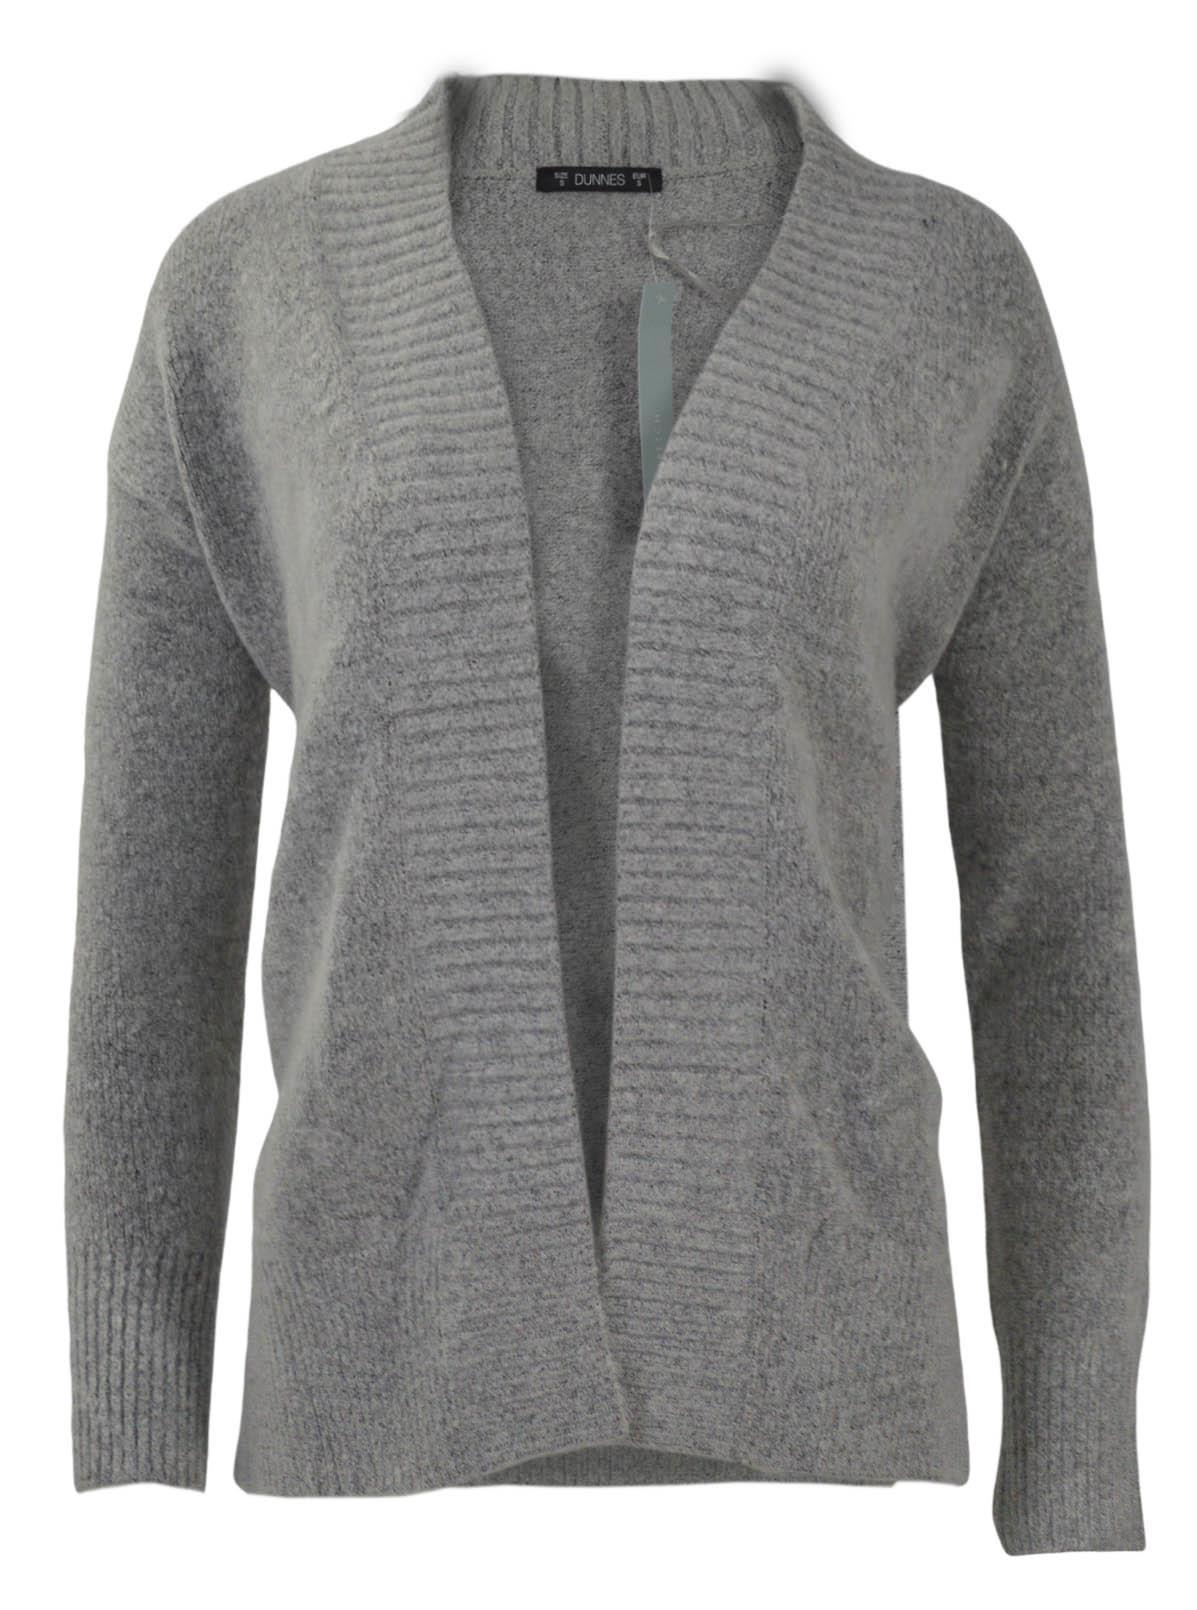 Chaqueta-Para-Mujer-Frente-Abierto-bordes-ribeteados-Lado-Splits-Borgona-gris-de-punto-grueso miniatura 10